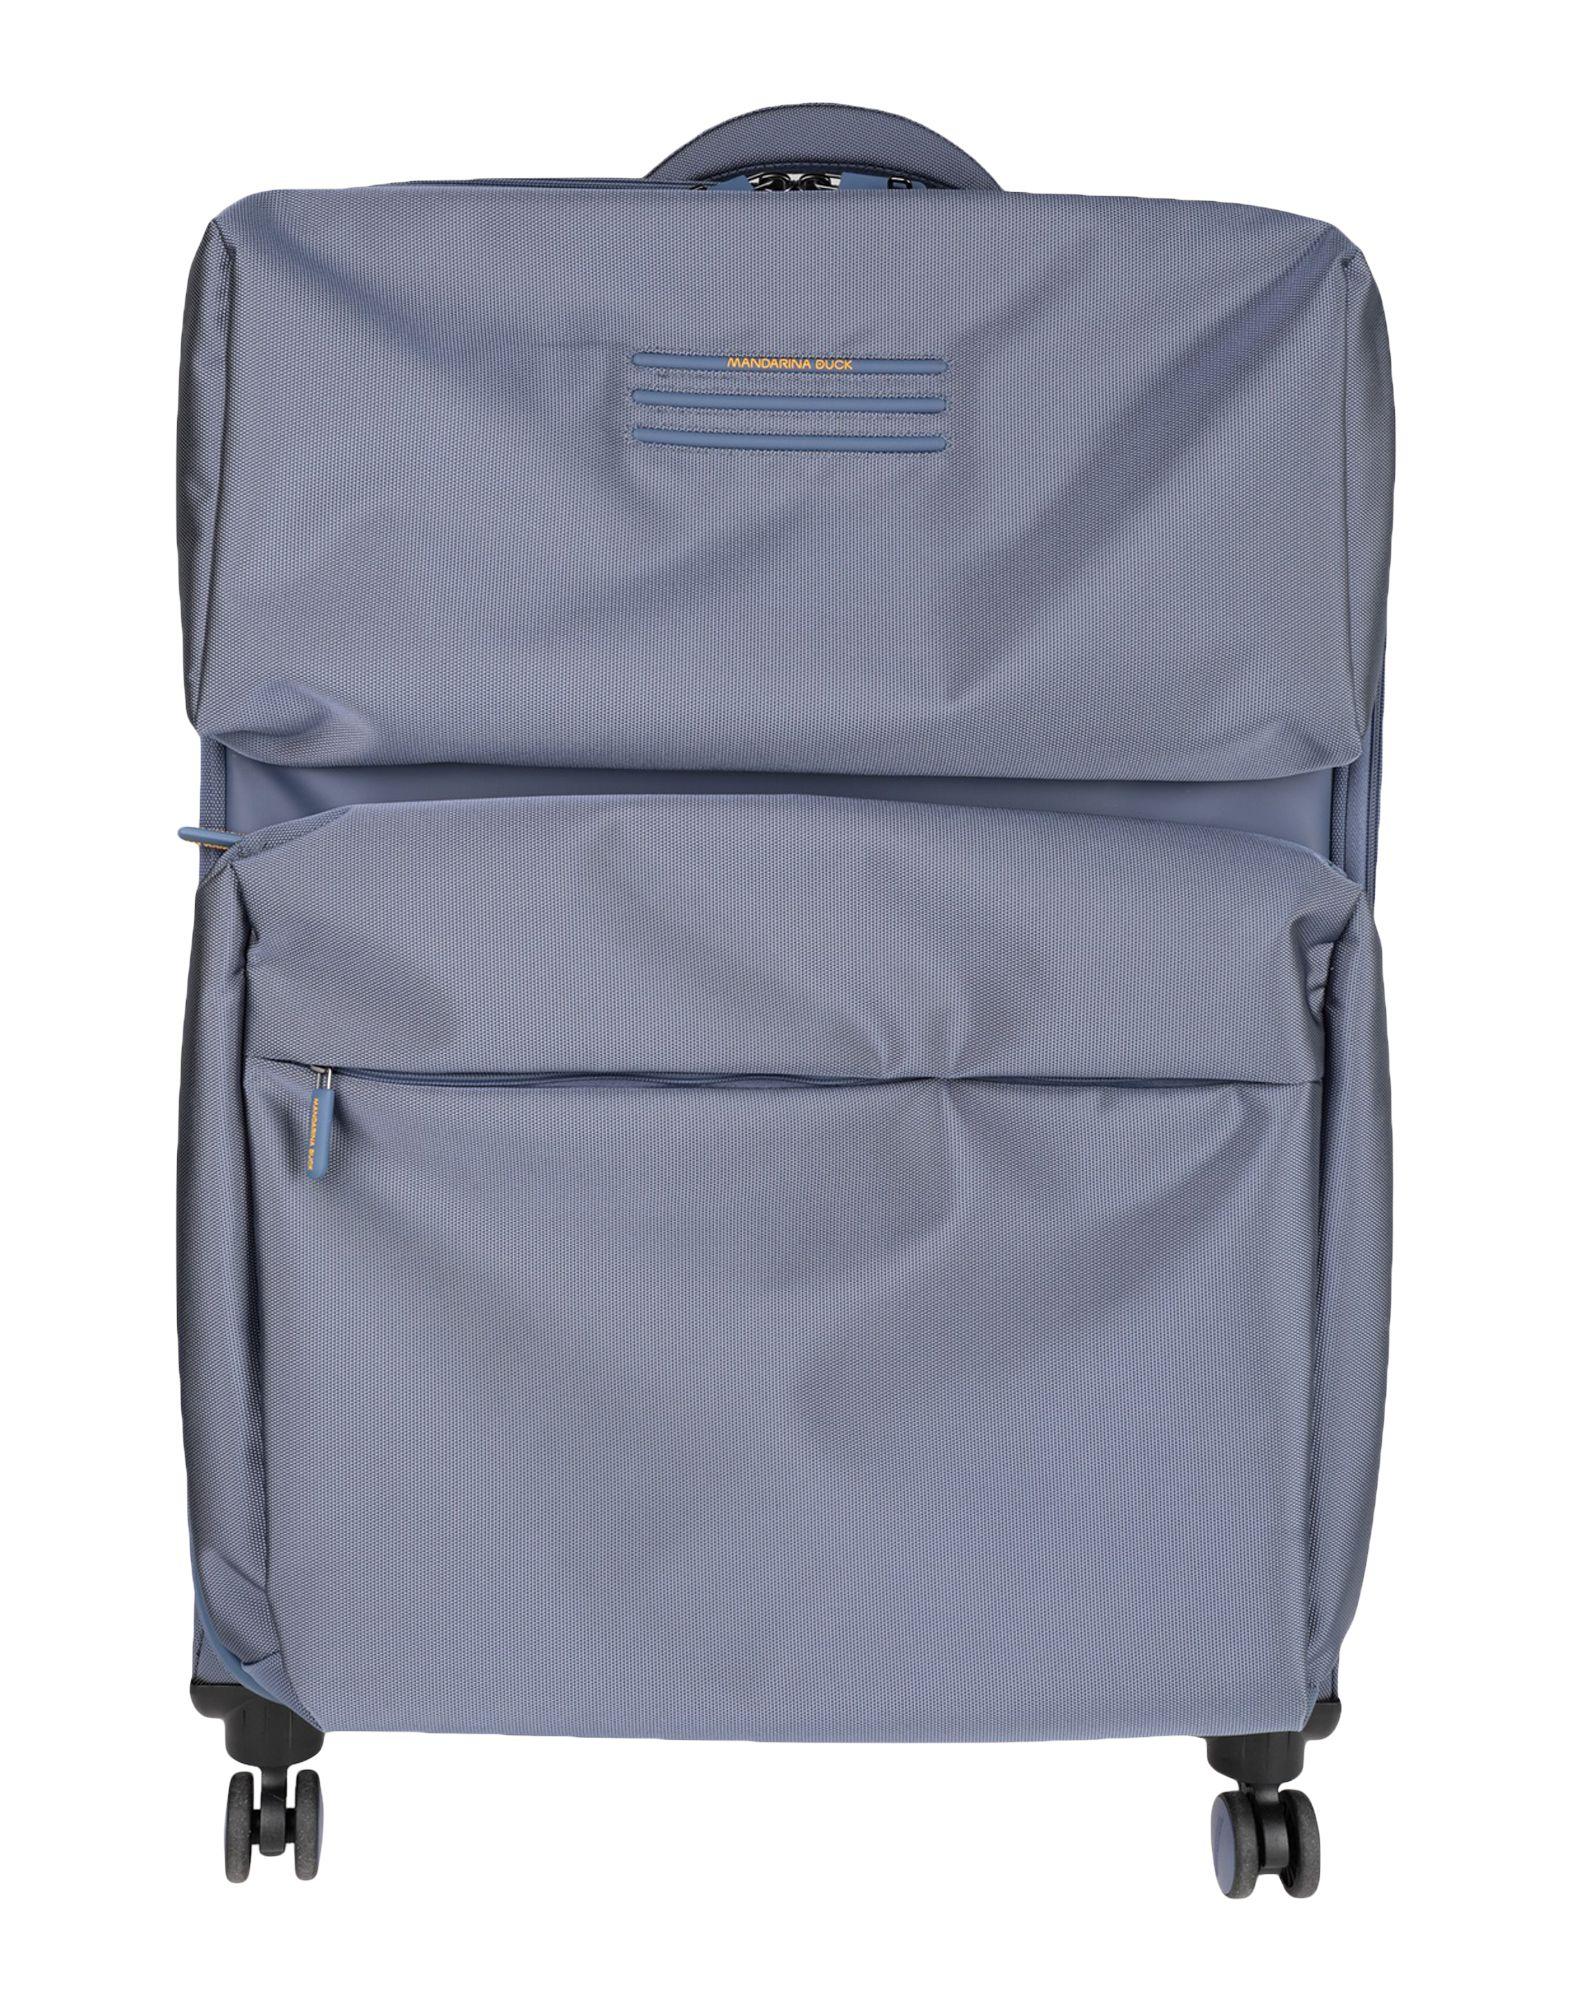 《セール開催中》MANDARINA DUCK Unisex キャスター付きバッグ ブルーグレー ナイロン 70% / ポリエステル 30%